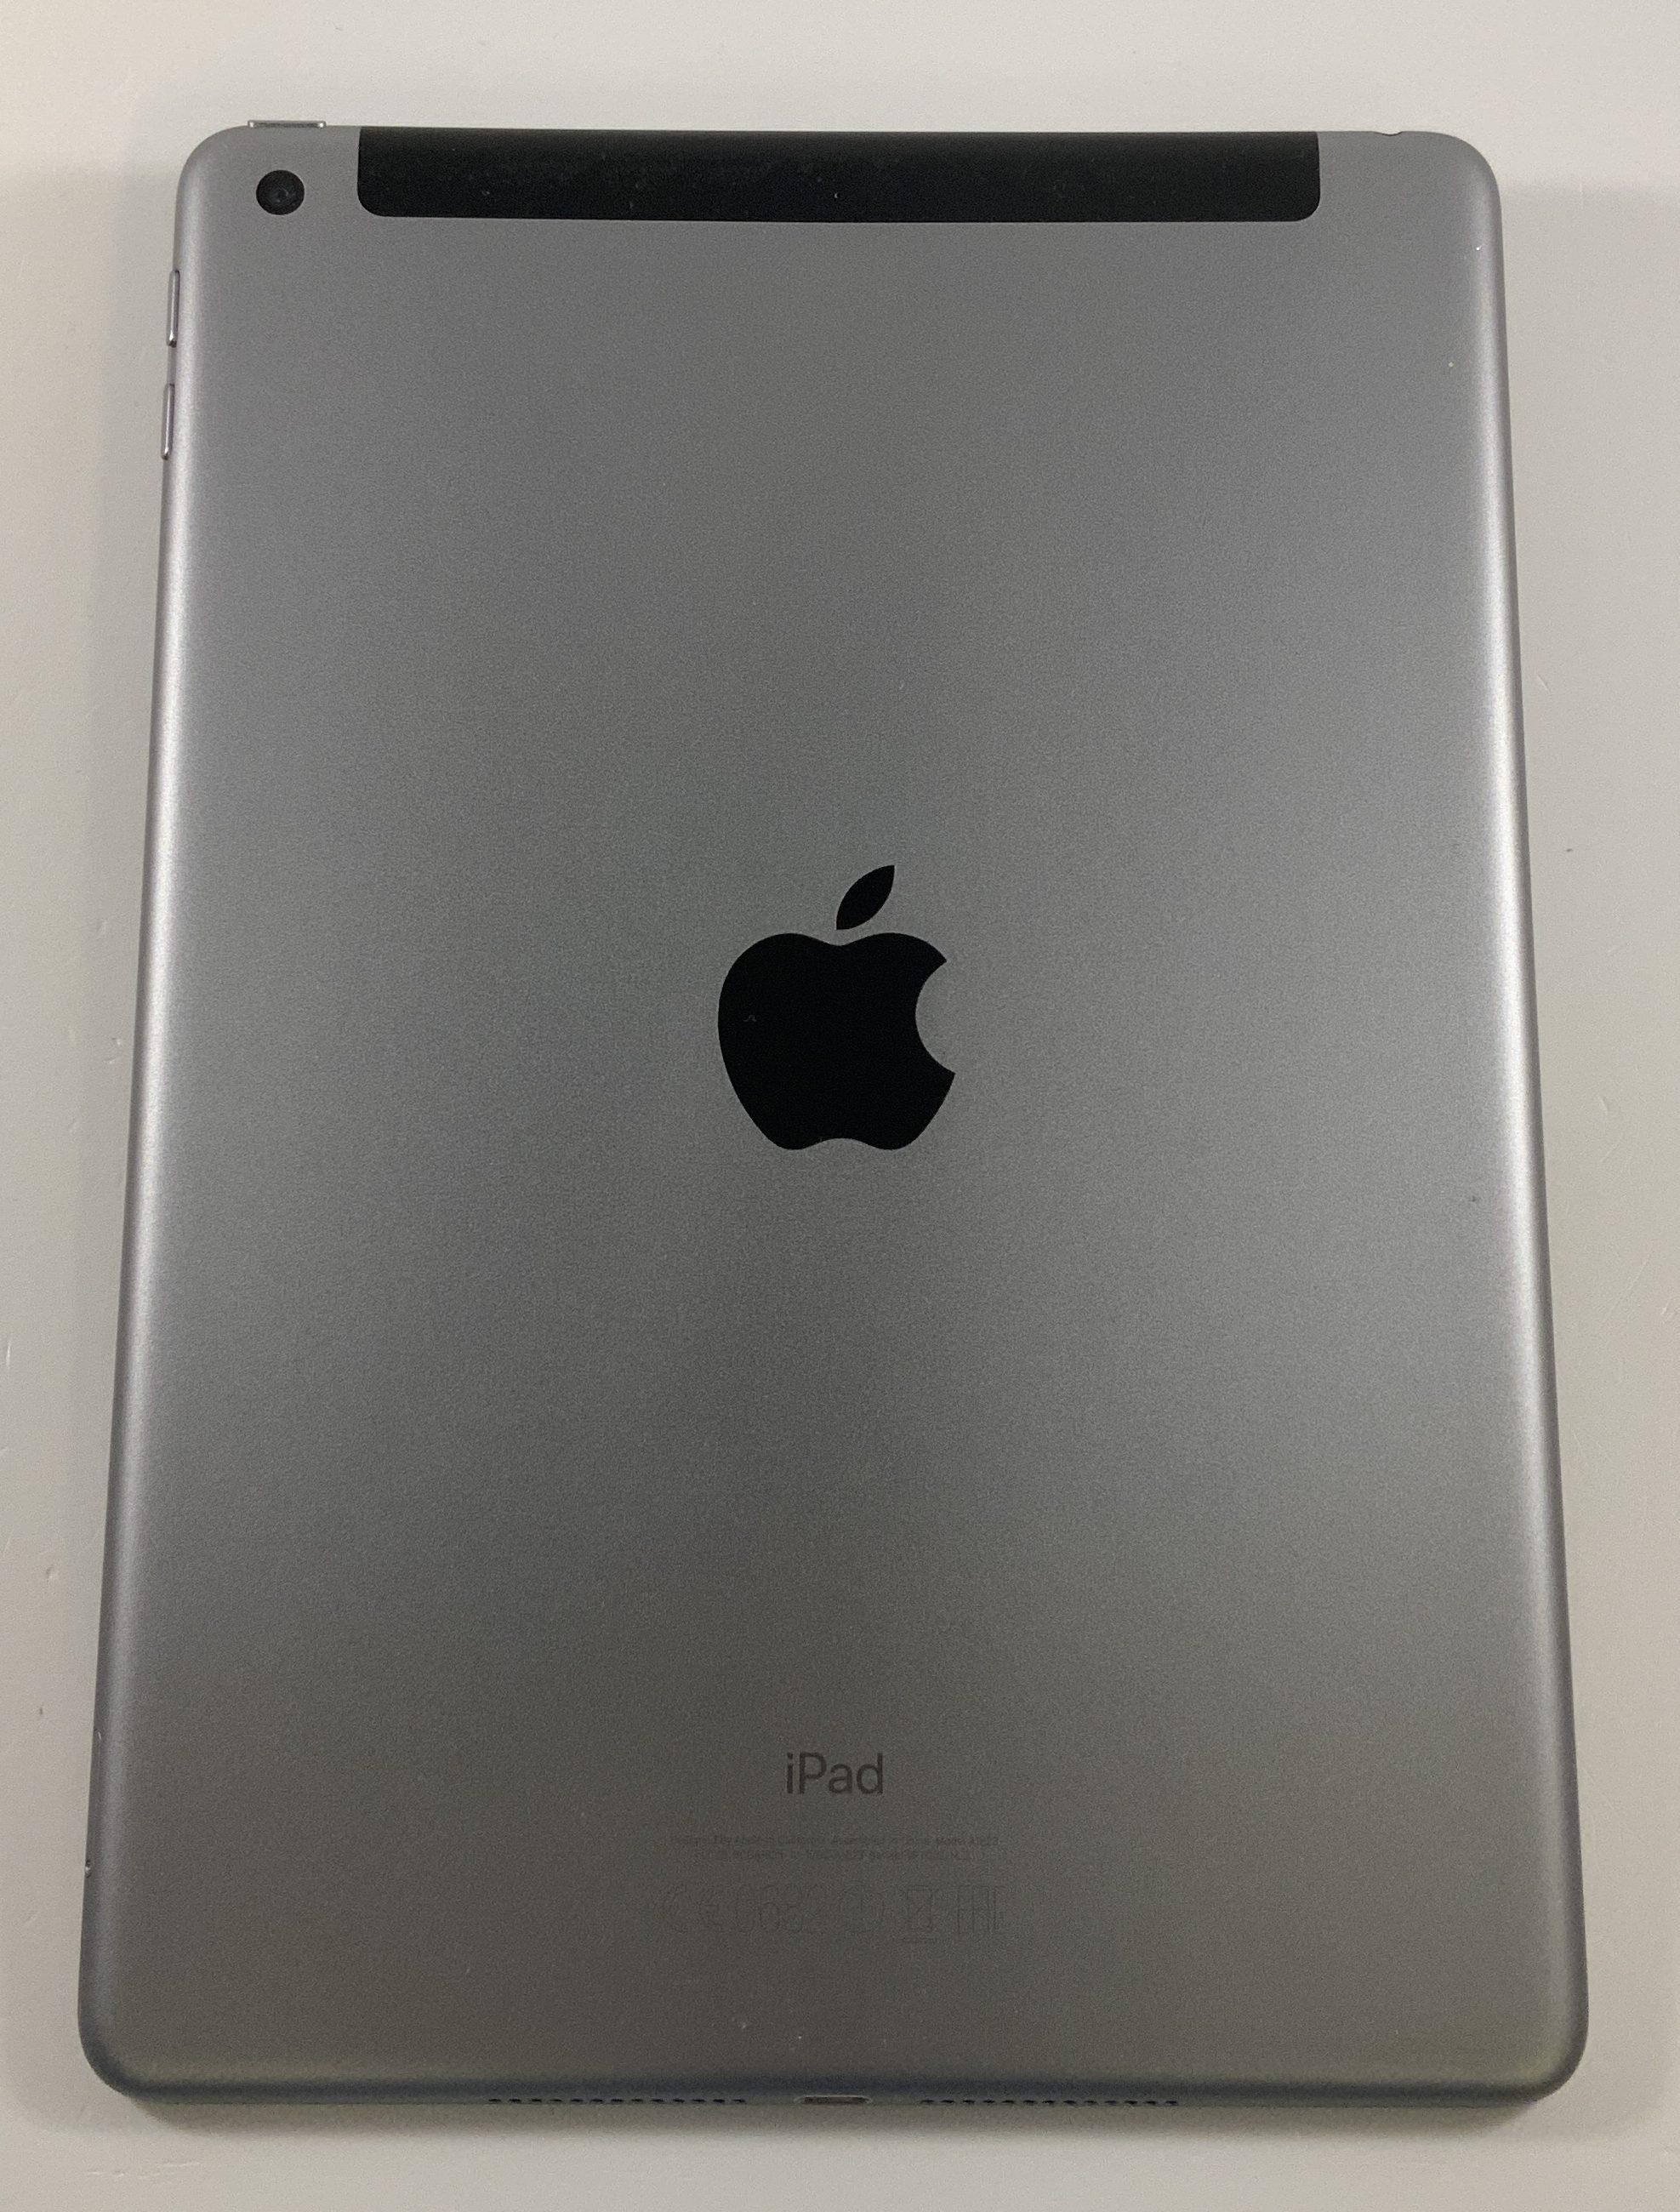 iPad 5 Wi-Fi + Cellular 128GB, 128GB, Space Gray, image 2